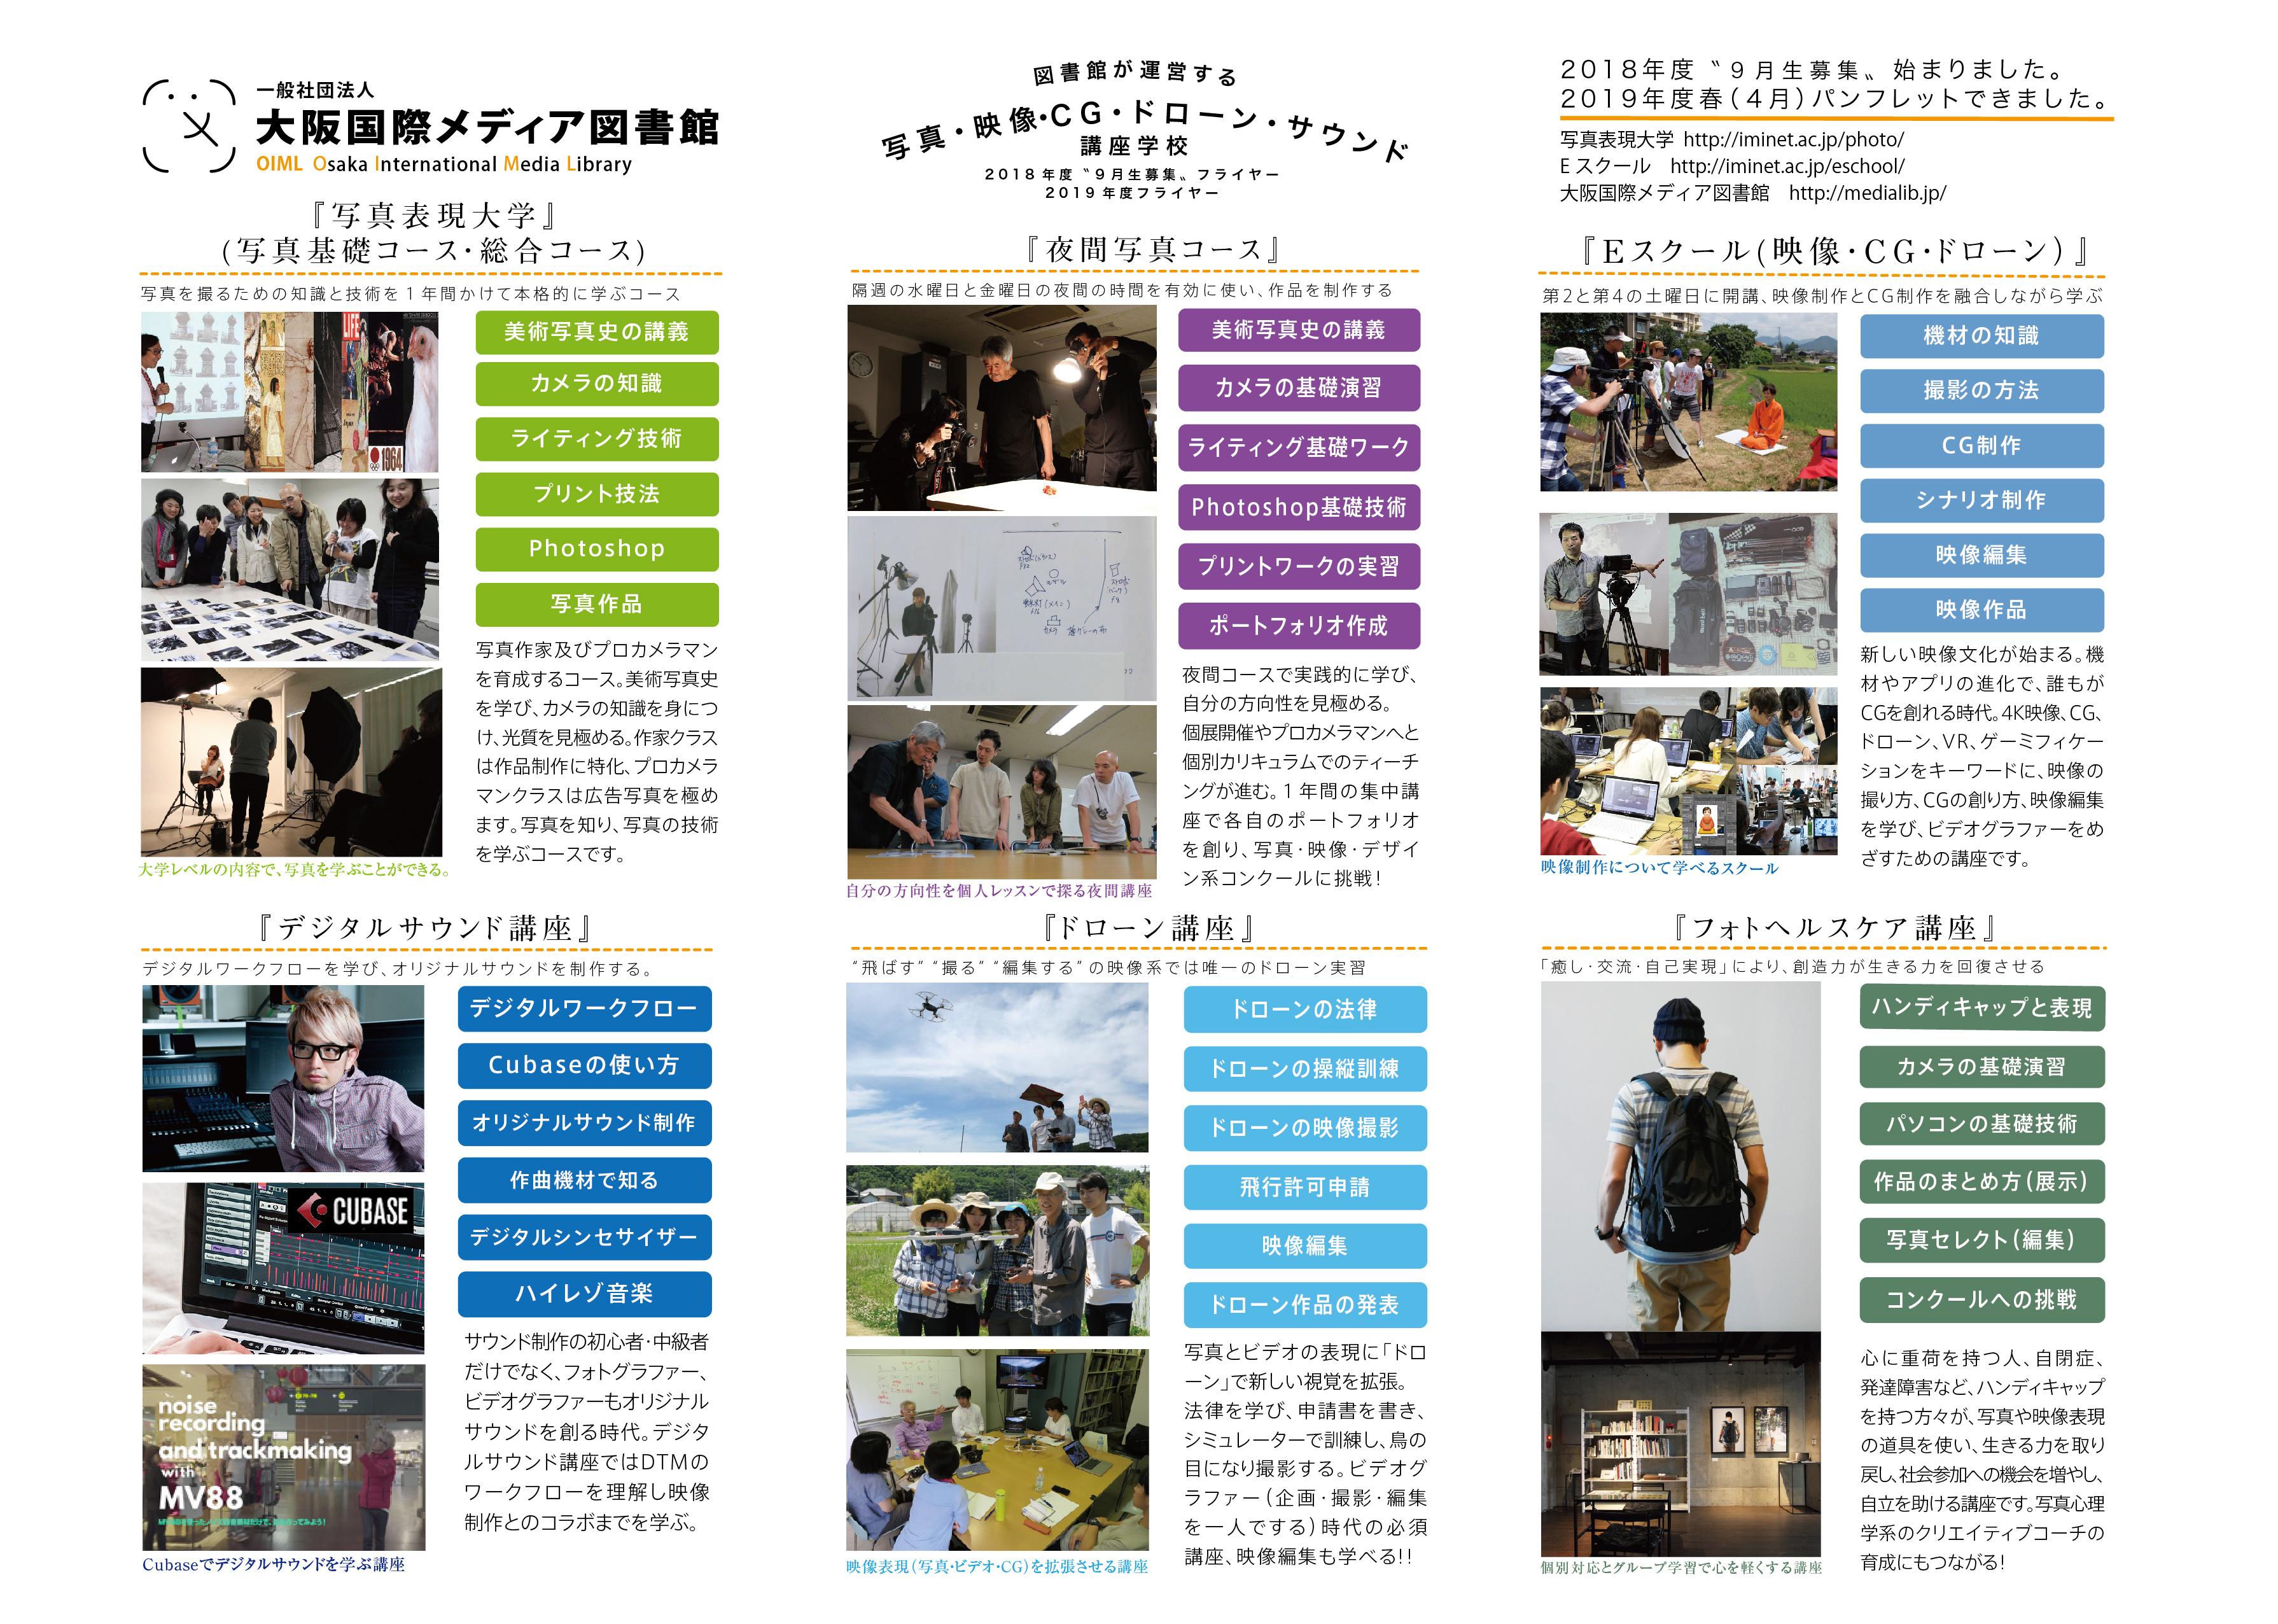 大阪国際メディア図書館(写真・映像・美術・デザイン専門図書館)に併設の写真表現大学(写真スクール/フォトスクール/写真学校/写真教室/カメラ教室)& Eスクール(映像・CG・サウンド・ドローンスクール)では、2018年度9月入学の募集をスタート致しました!